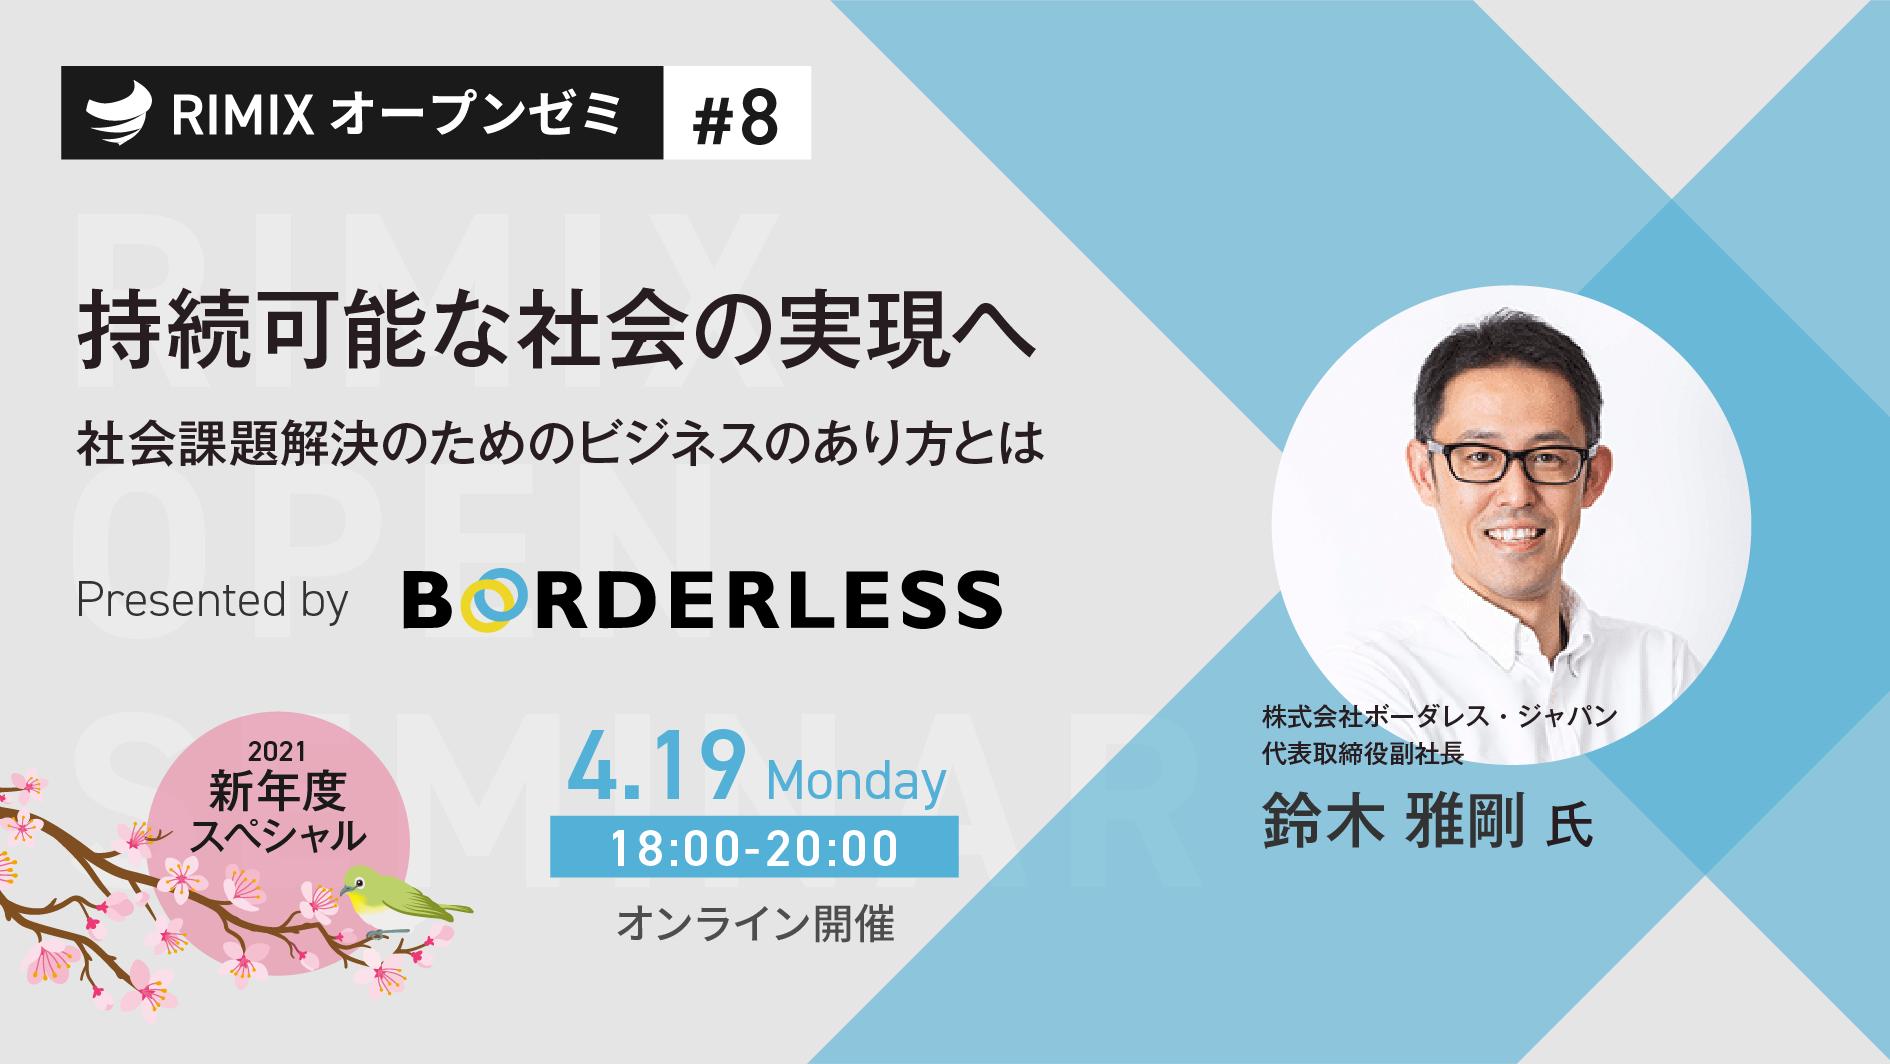 【RIMIXオープンゼミ#8】持続可能な社会の実現へ-社会課題解決のためのビジネスのあり方とは- Presented By ボーダレス・ジャパン